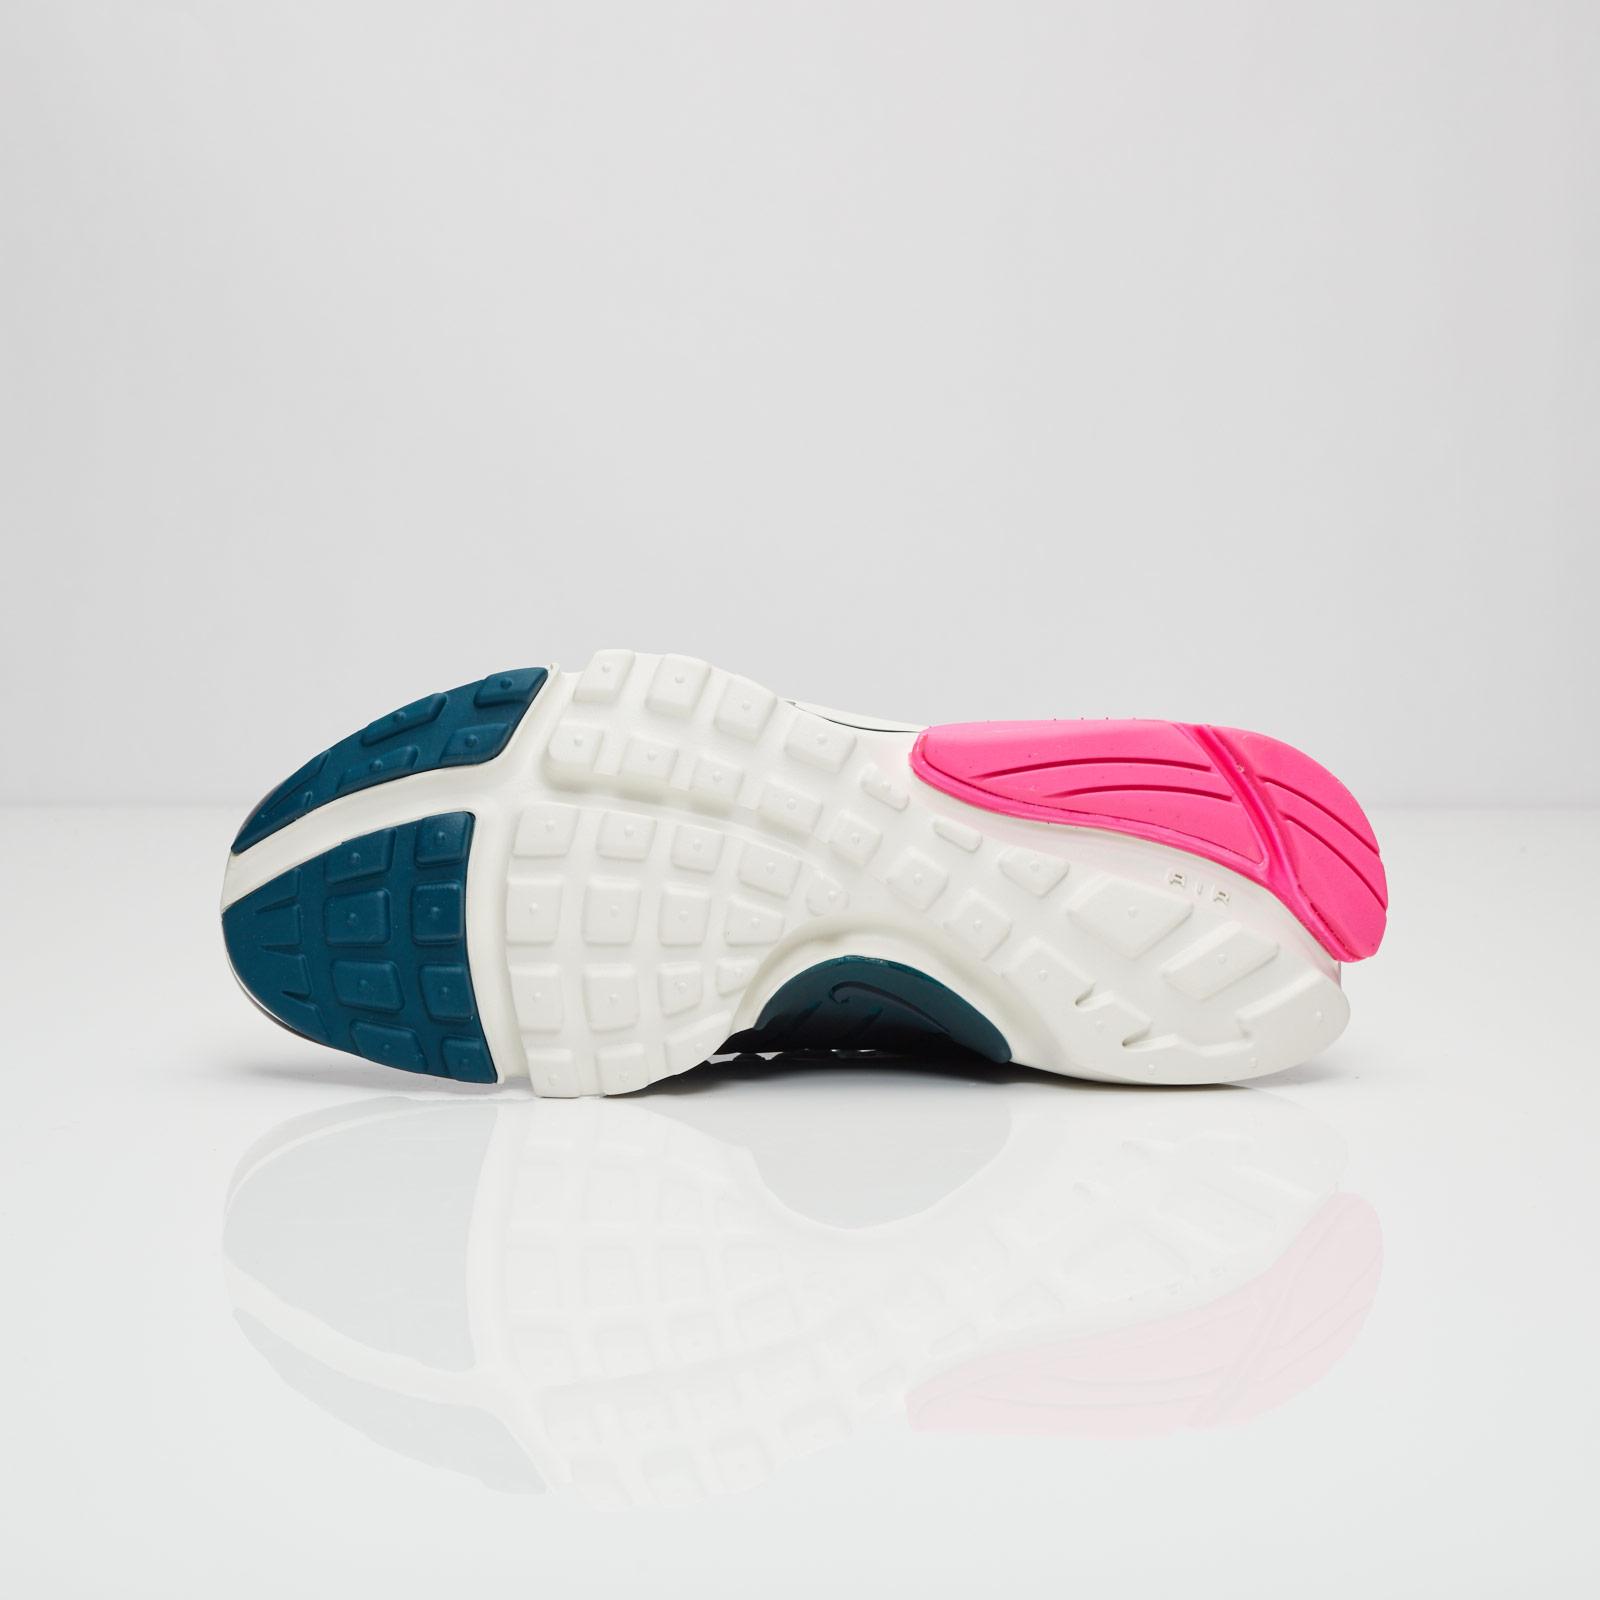 timeless design cd65a 105f2 Nike Wmns Air Presto Flyknit Ultra - 835738-302 - Sneakersnstuff   sneakers    streetwear online since 1999